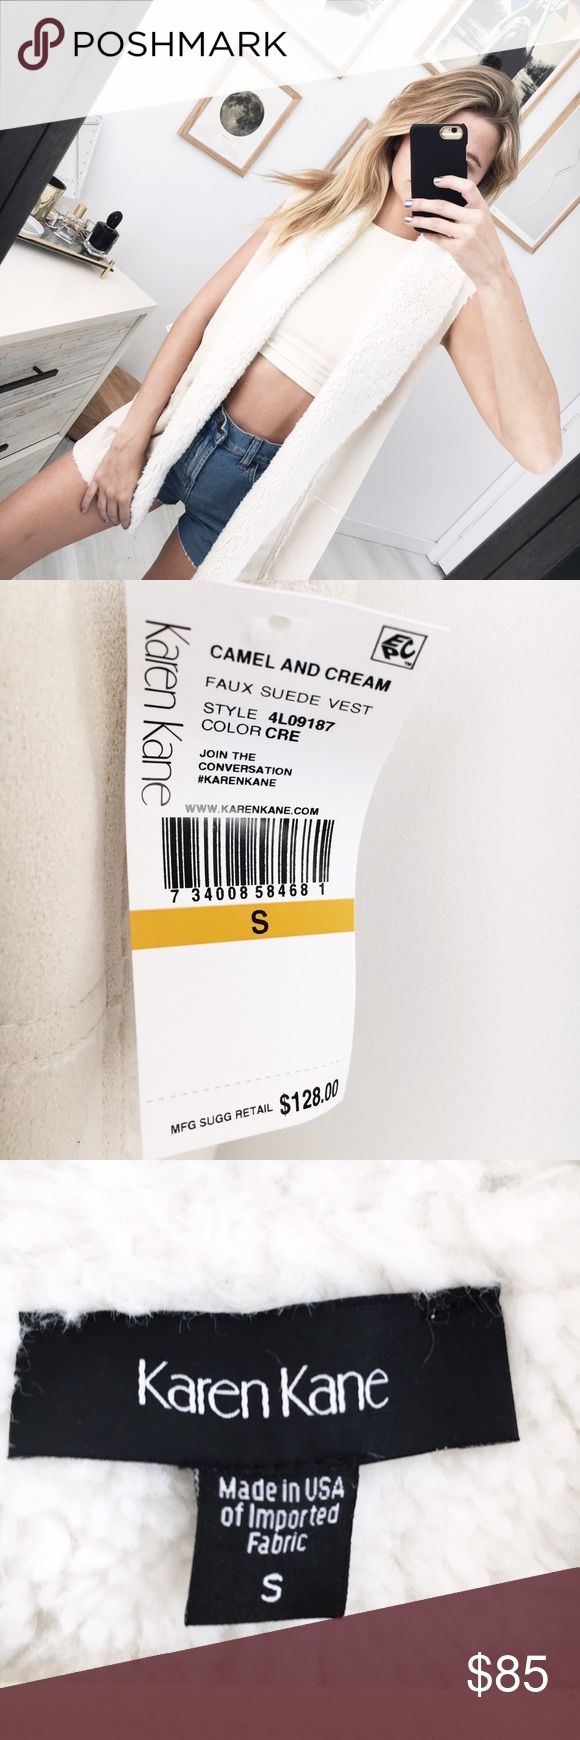 Shearling Vest by Karen Kane Shearling vest by Karen Kane. Size S, new with tags! ✨💛 Karen Kane Jackets & Coats Vests